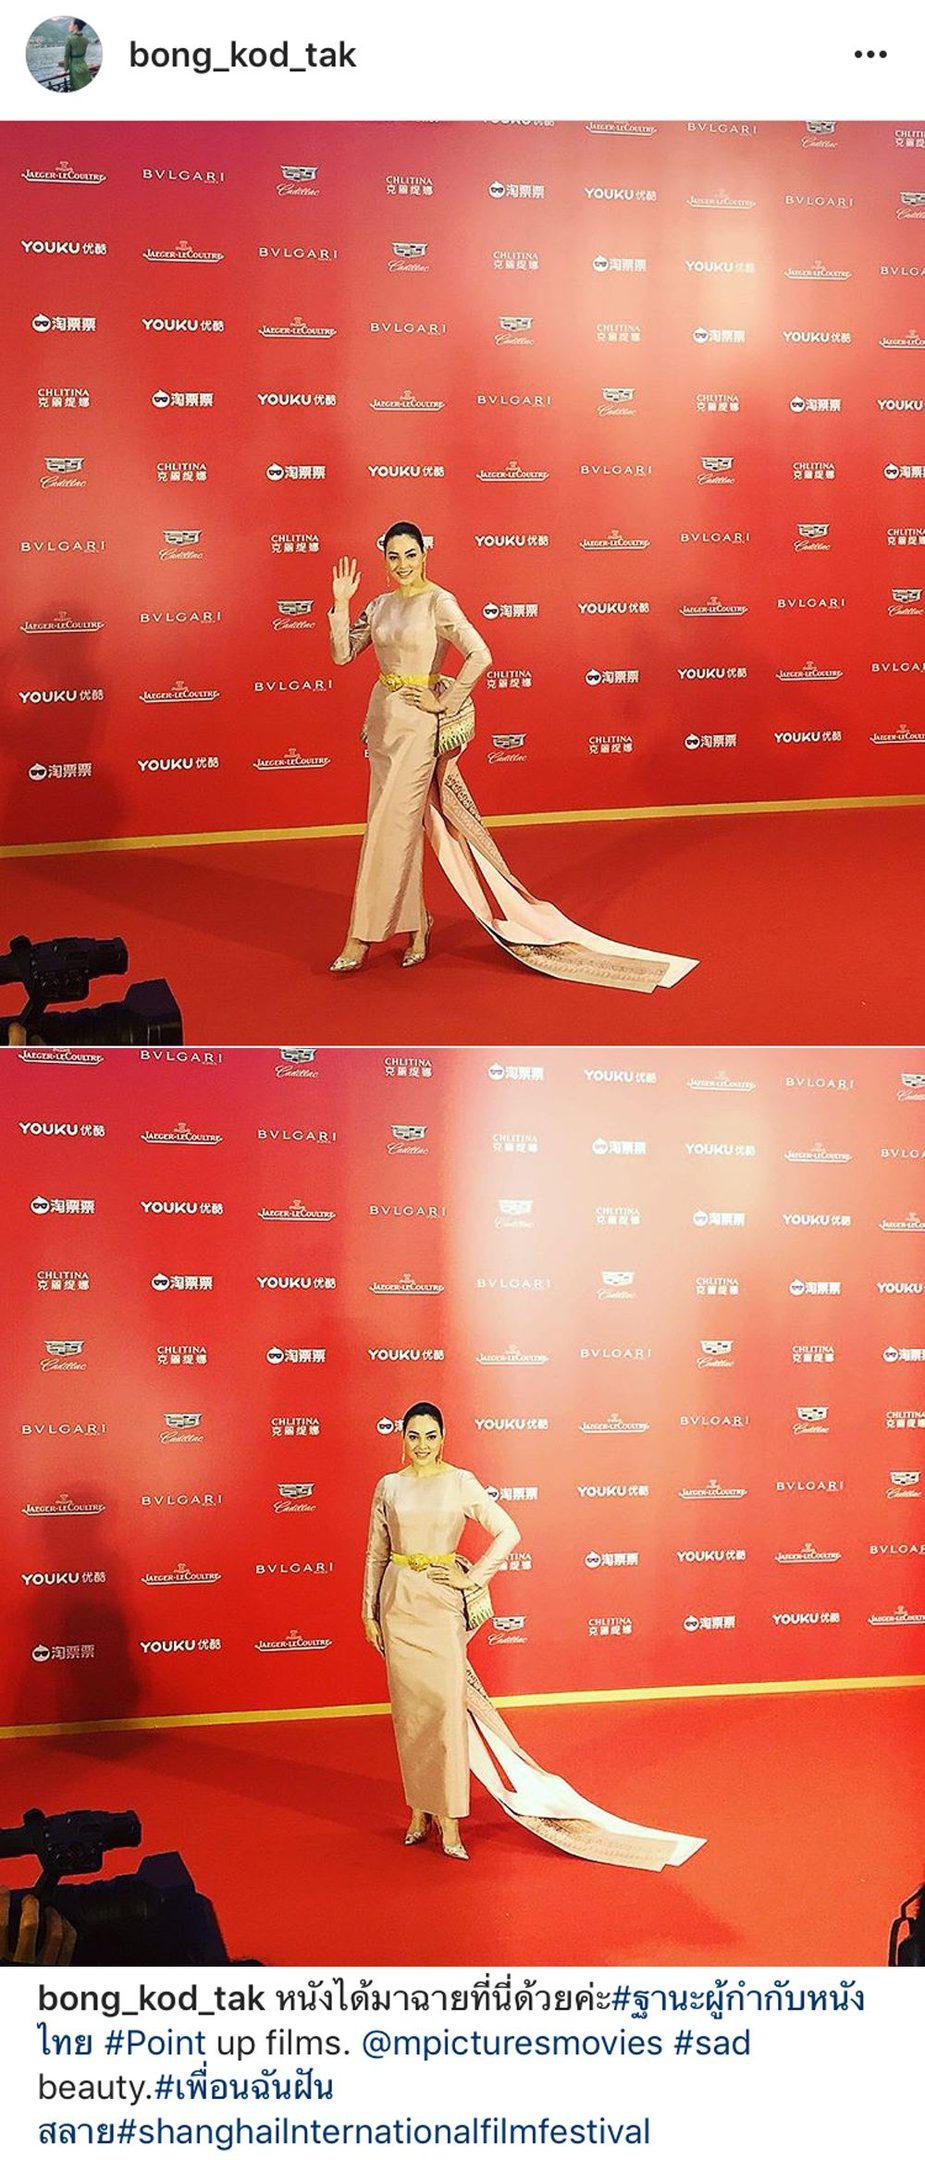 ตั๊ก บงกช ร่วมงานเทศกาลภาพยนตร์นานาชาติเซี่ยงไฮ้